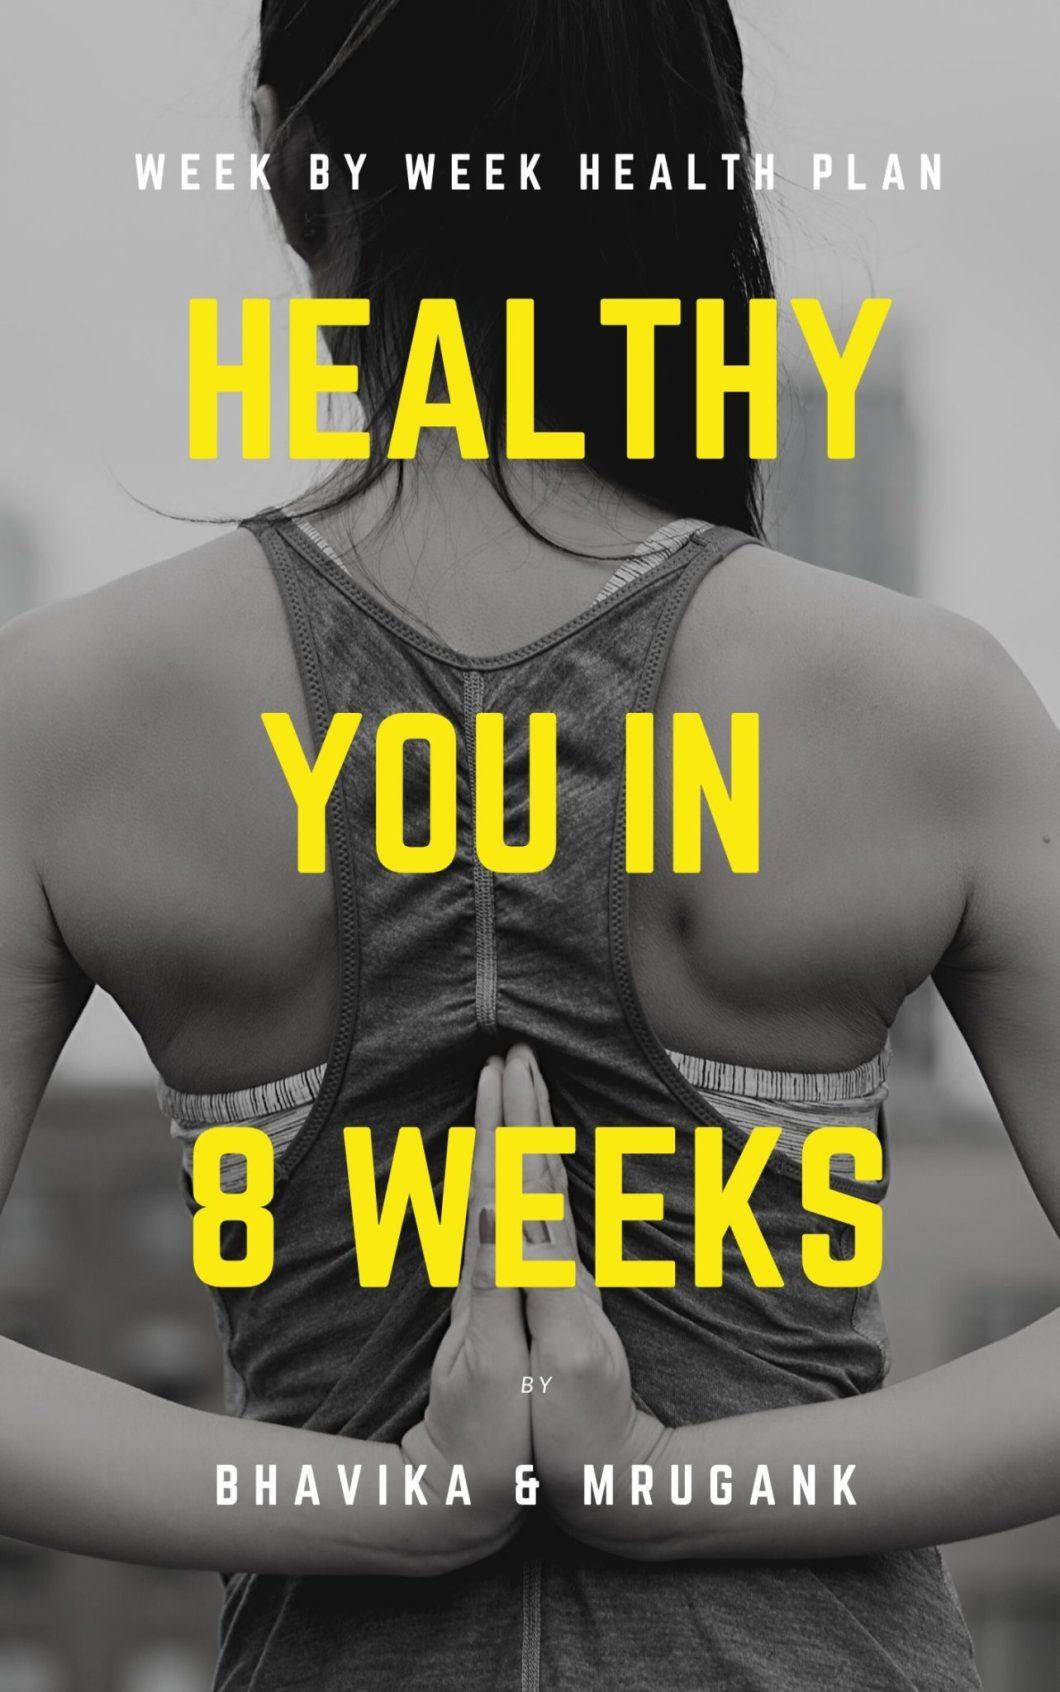 8 Weeks Health Plan